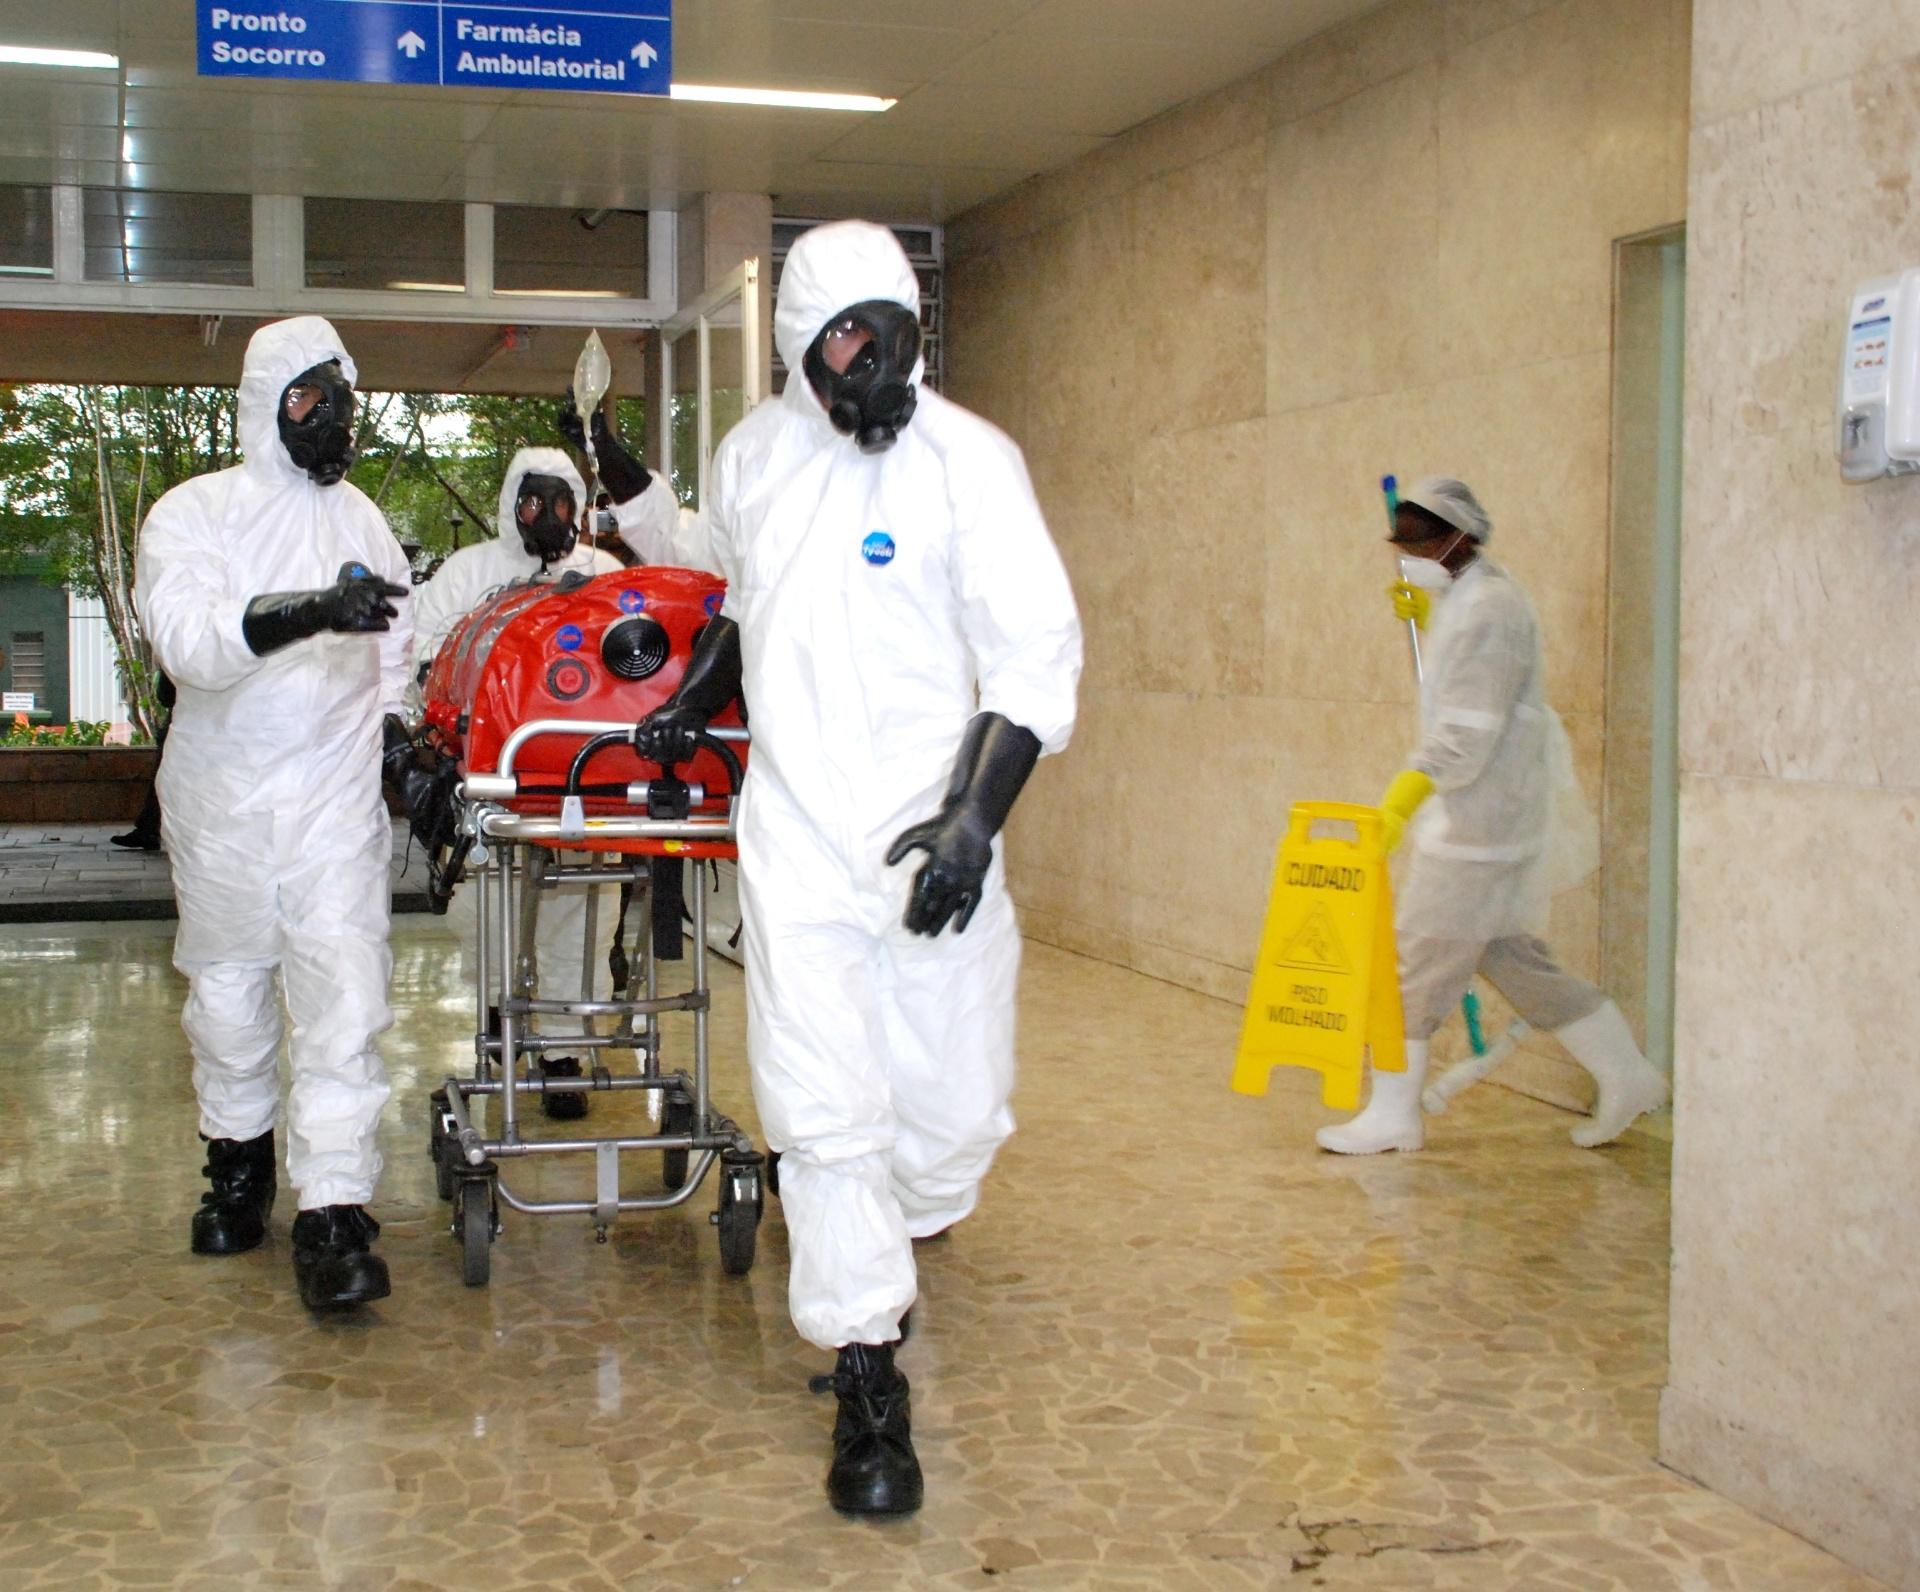 16.set.2014 - O Ministério da Saúde realizou, nesta terça-feira (16), no aeroporto de Guarulhos, em São Paulo, uma simulação de atendimento para casos de passageiros com suspeita de ebola em voos internacionais